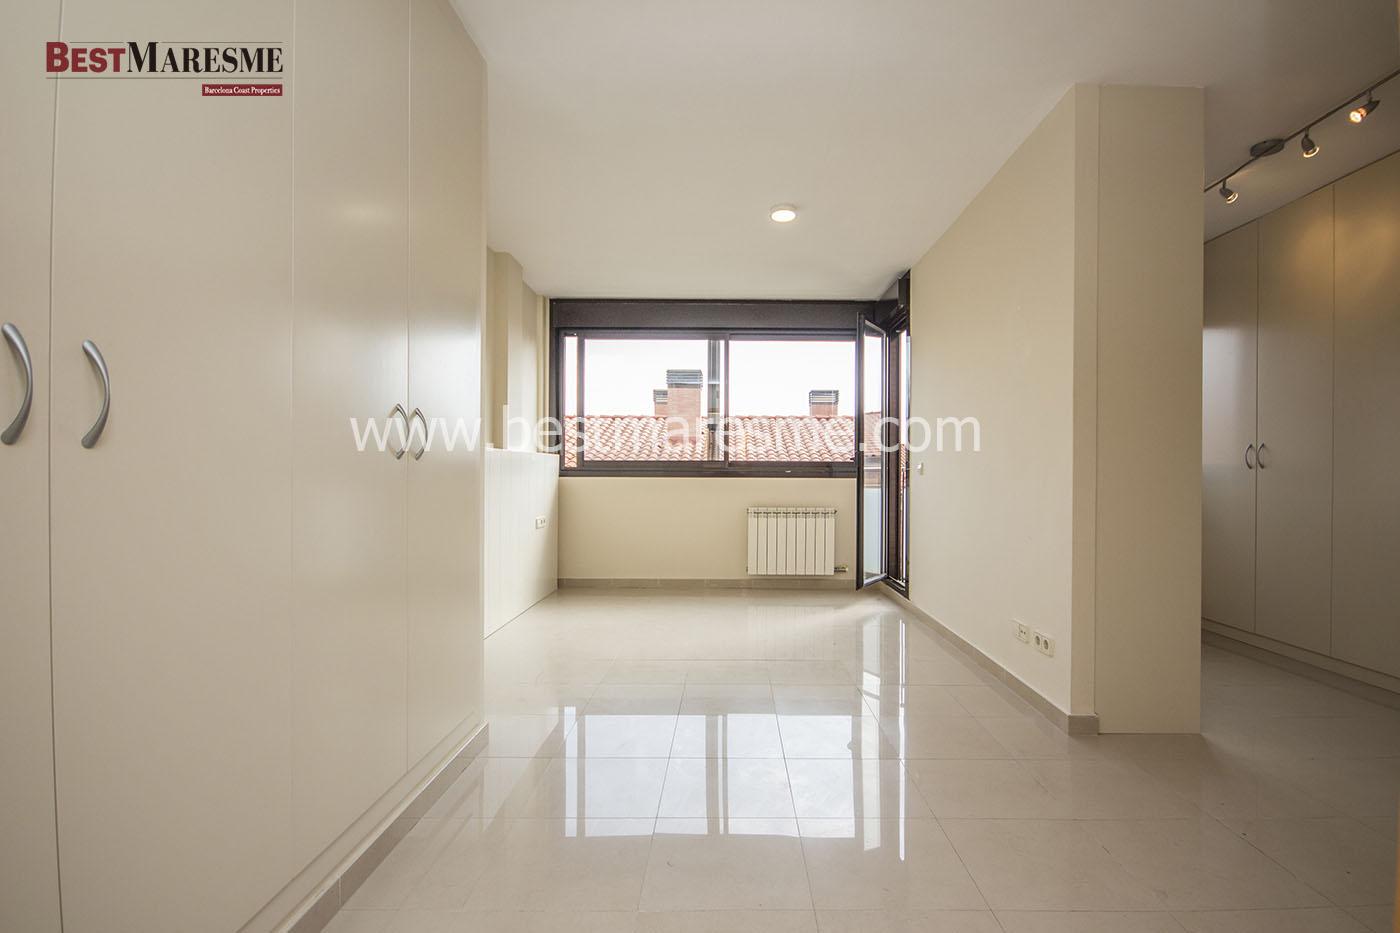 Habitación suite con vestidor y terraza privada